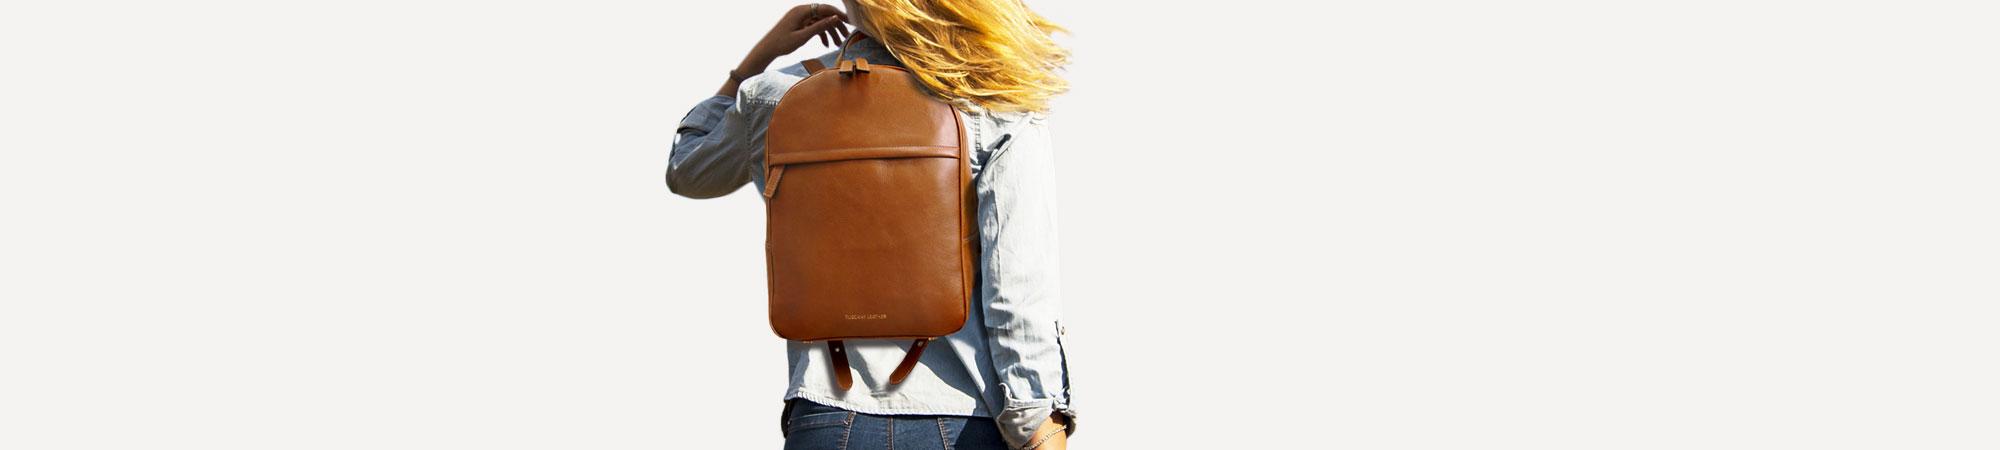 Tuscany Leather Hanoi Sac /à Dos en Cuir